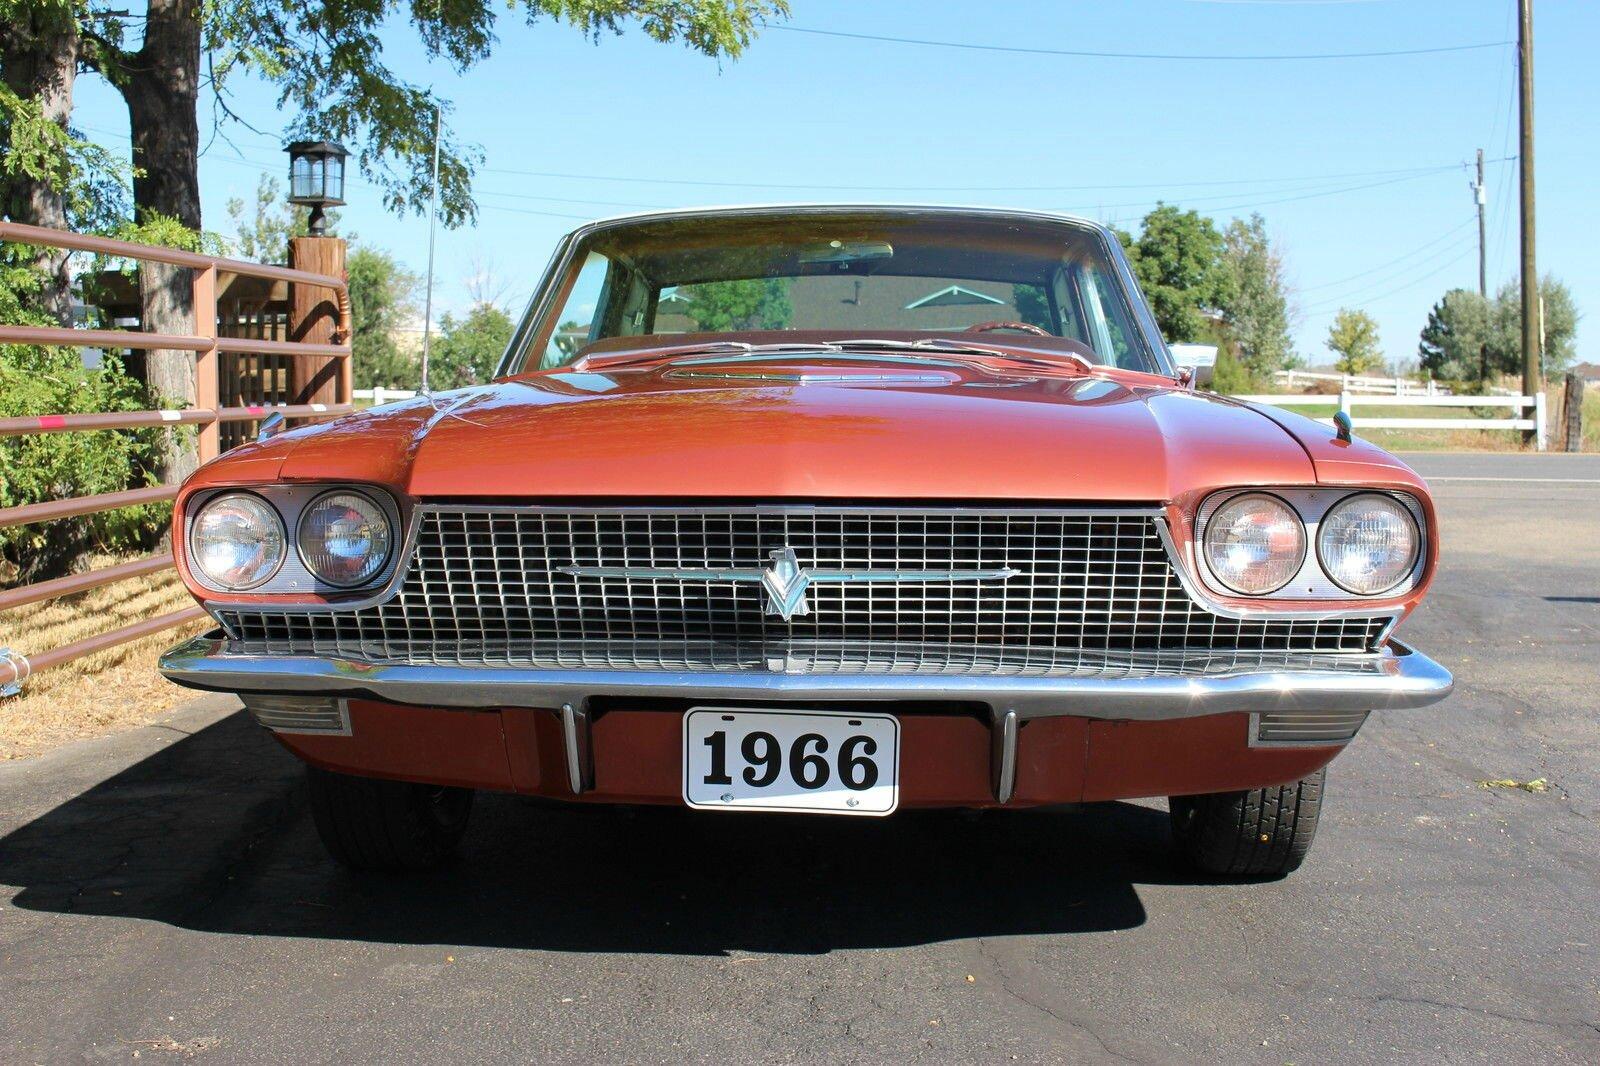 la recherche de la voiture l 39 annonce ebay motors une ford thunderbird 1966 en france dans. Black Bedroom Furniture Sets. Home Design Ideas